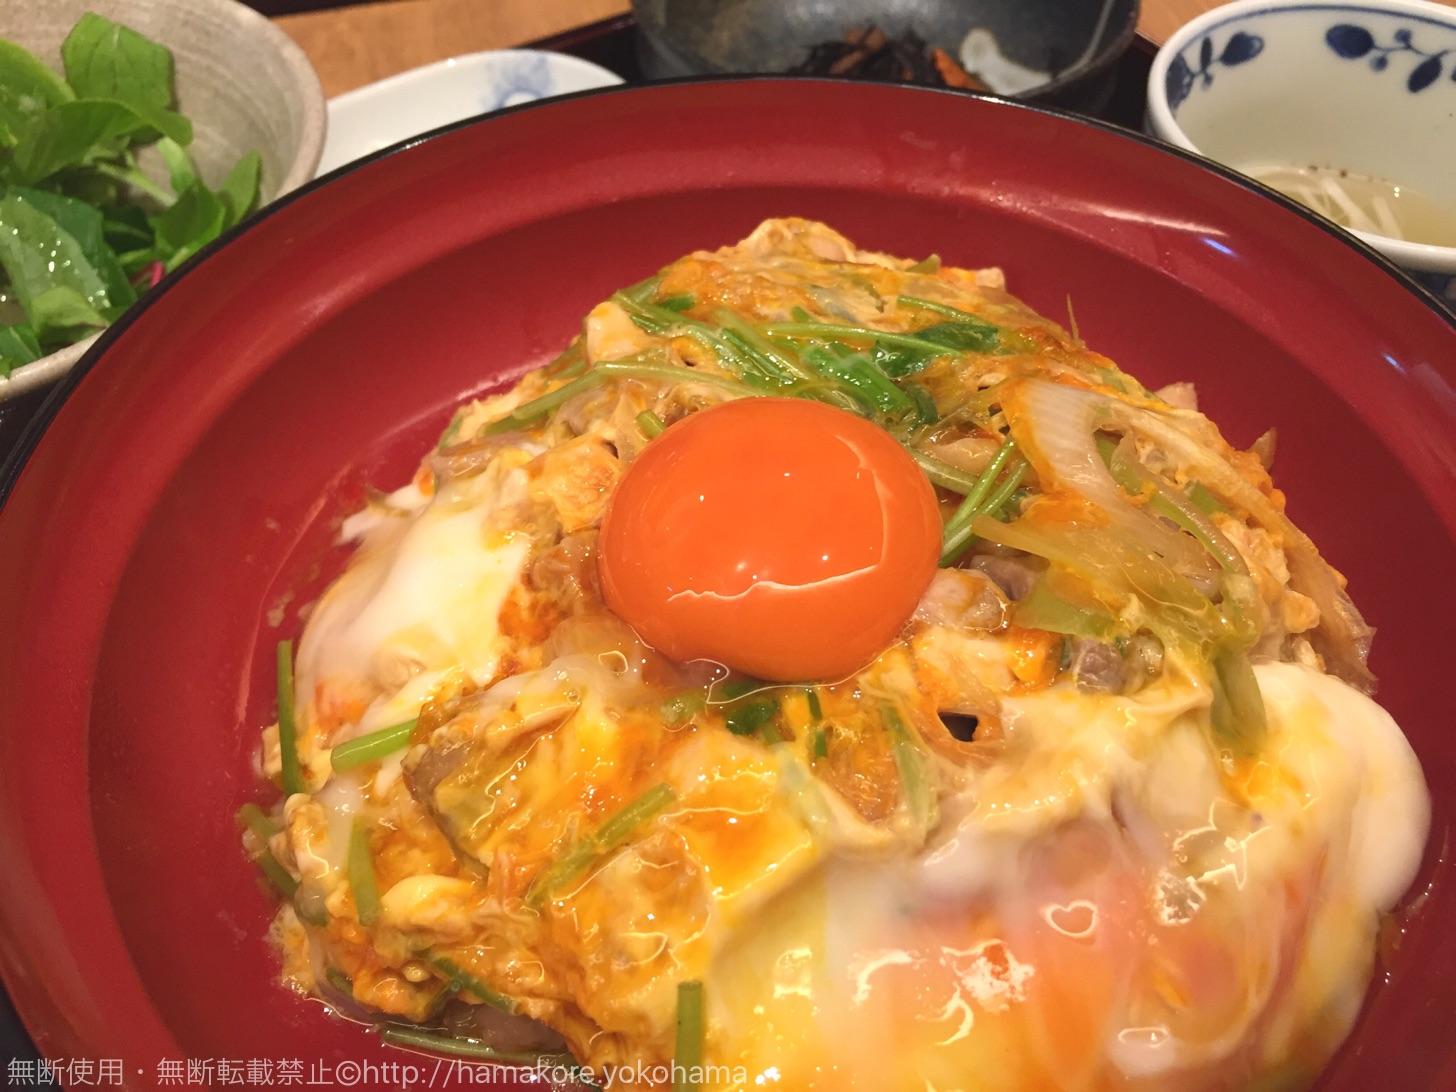 「親子丼定食(1500円)」親子丼の他に小鉢・サラダ・鶏のスープ・香の物が付いてきます。